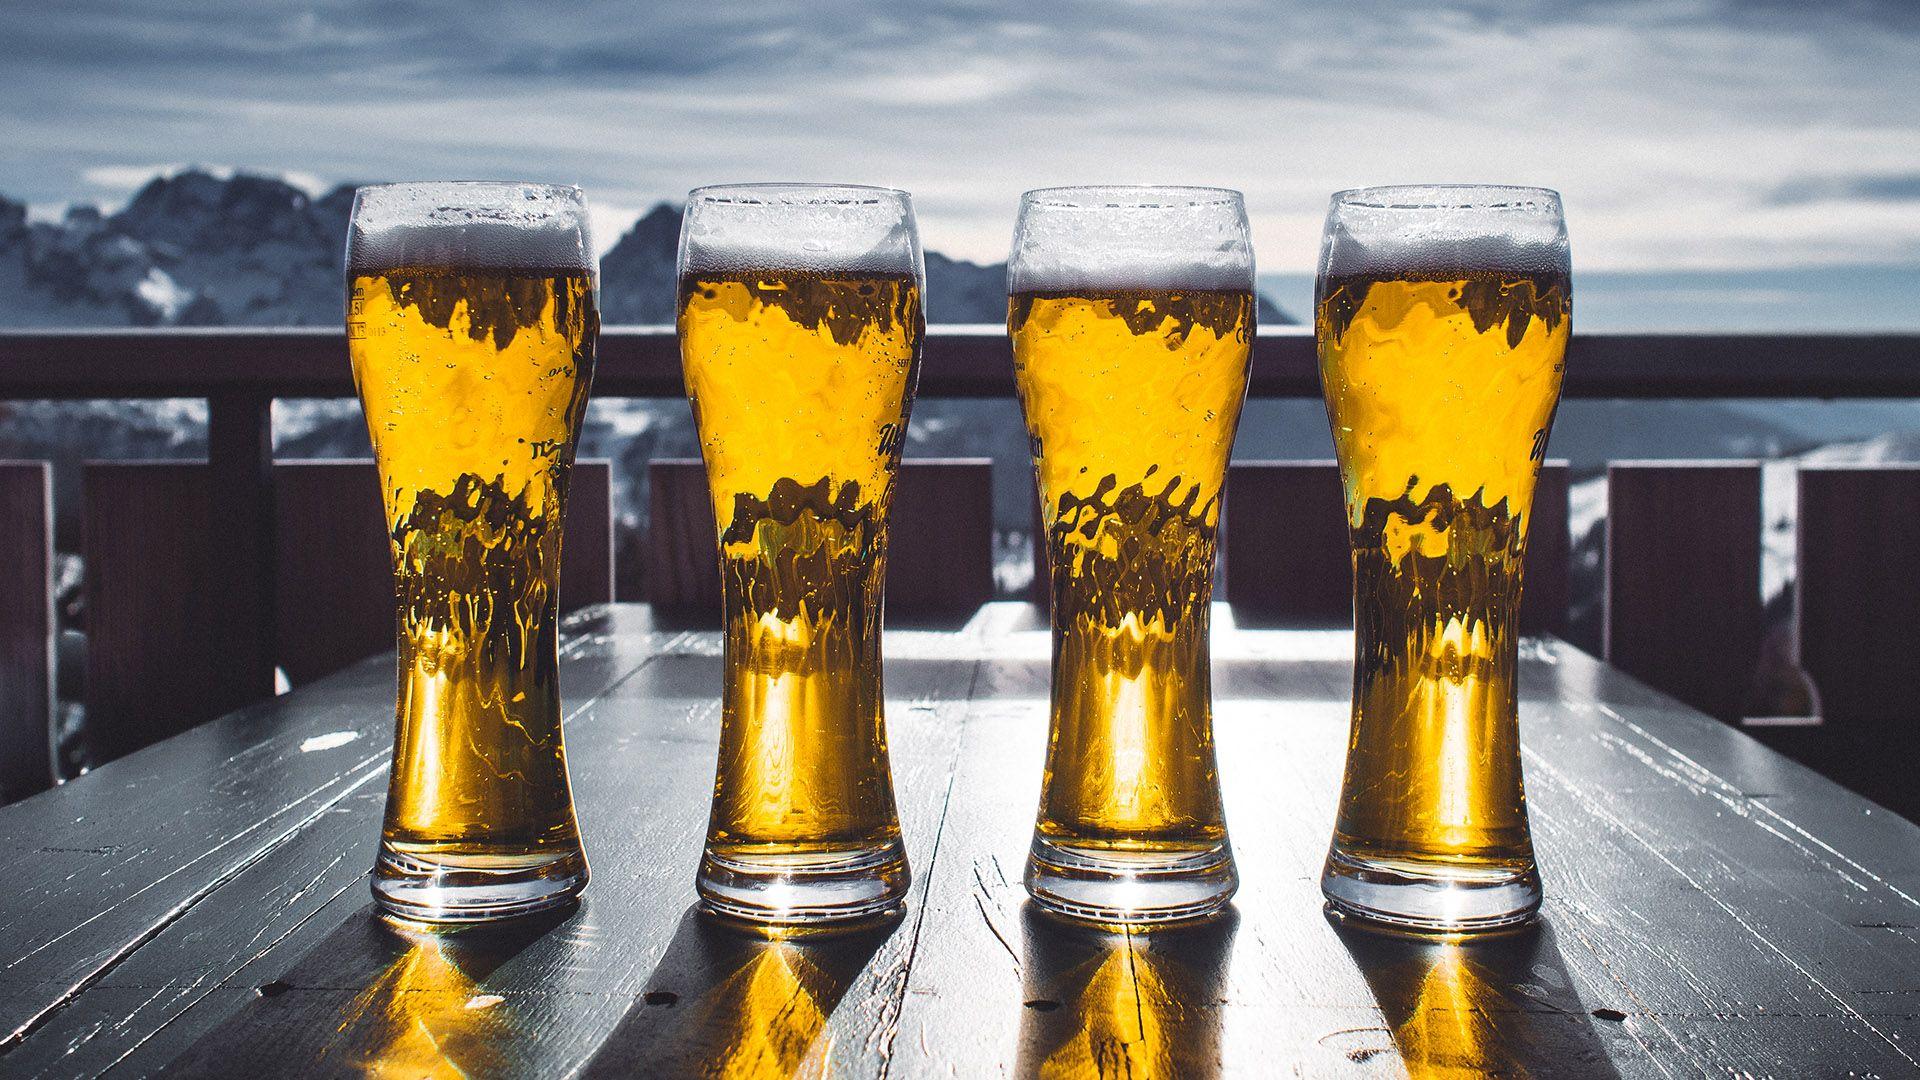 Arskogssandur Iceland Sit In Beer While Drinking Beer Home Brewing Beer Beer Benefits Beer Glasses